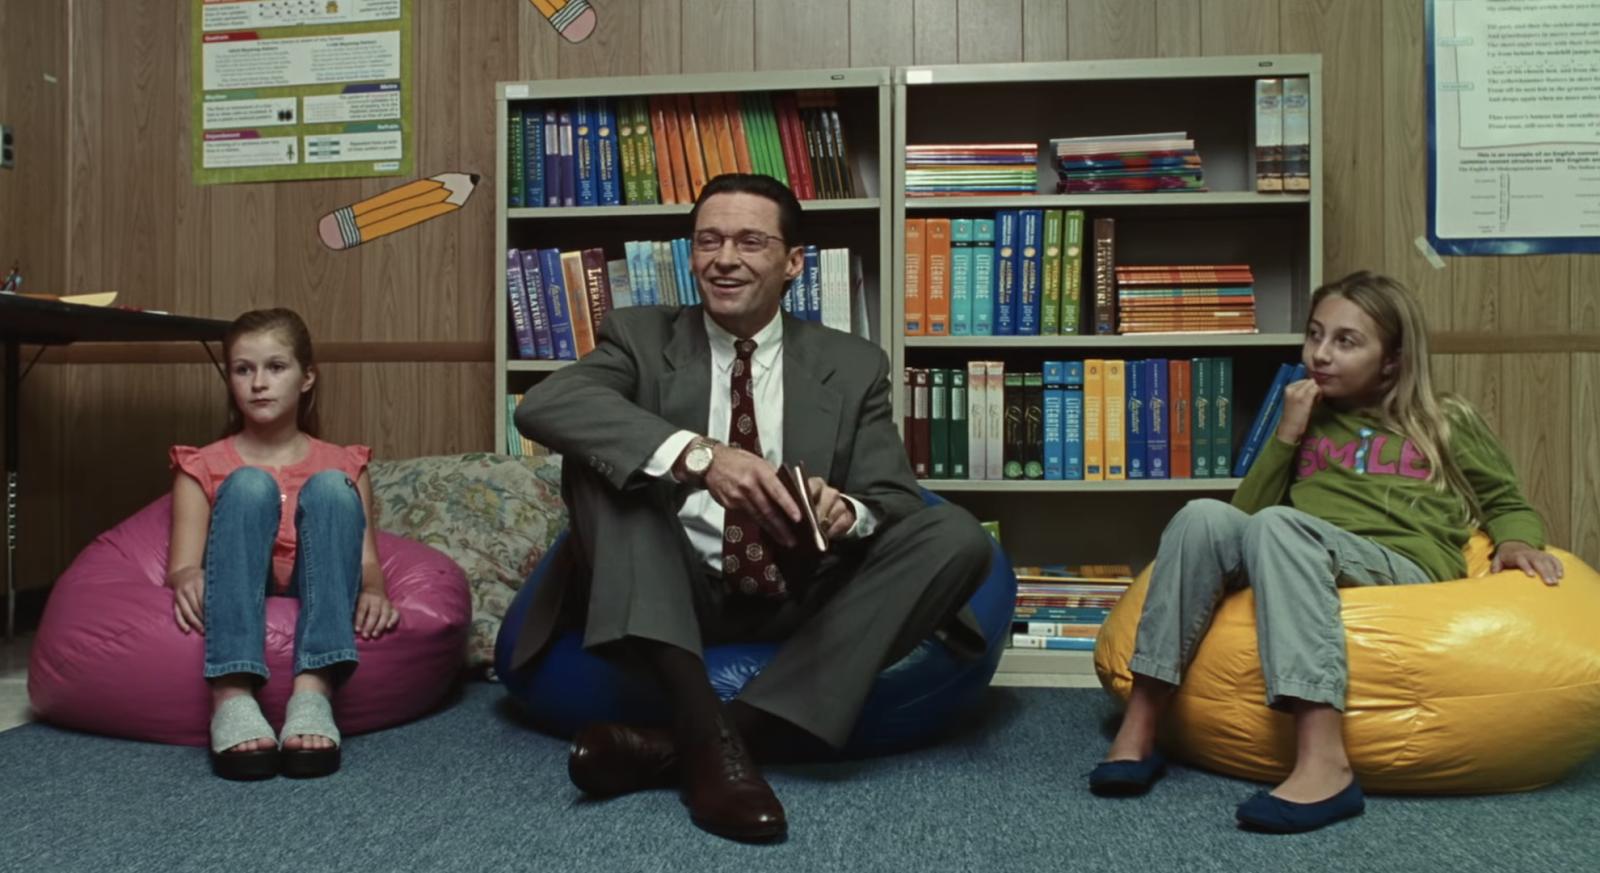 Baseada em fatos reais 'Bad Education' estreia na HBO